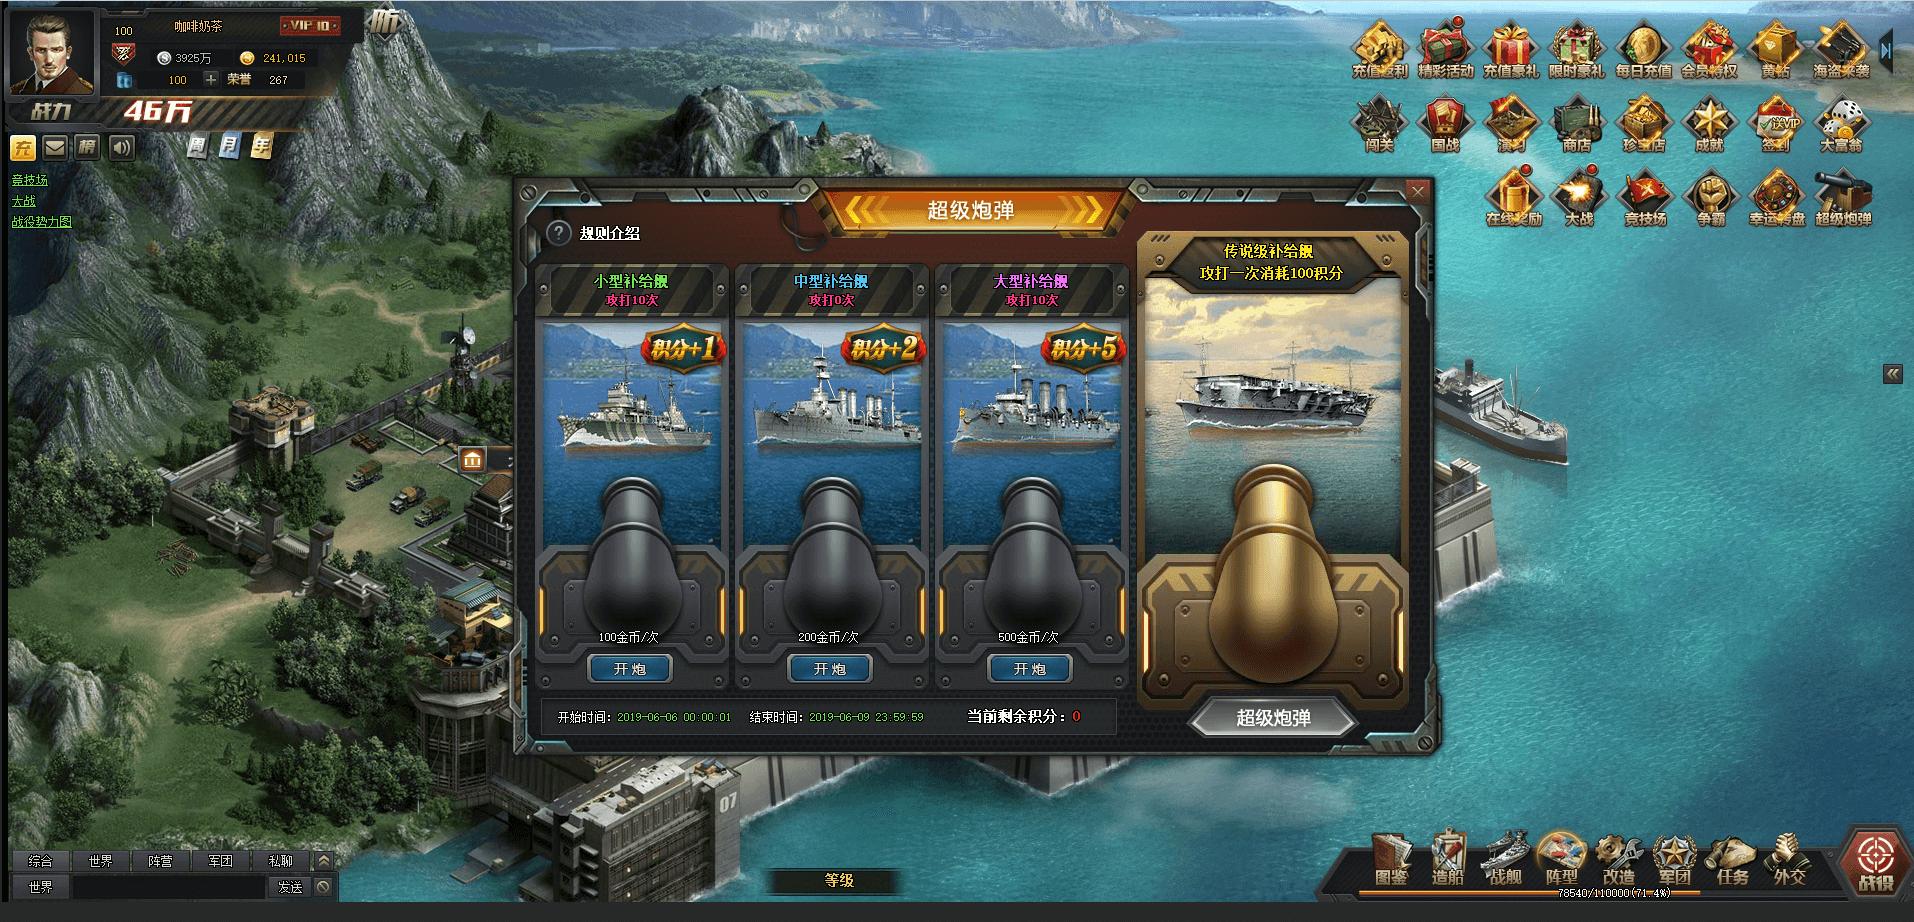 舰队黎明游戏截图3